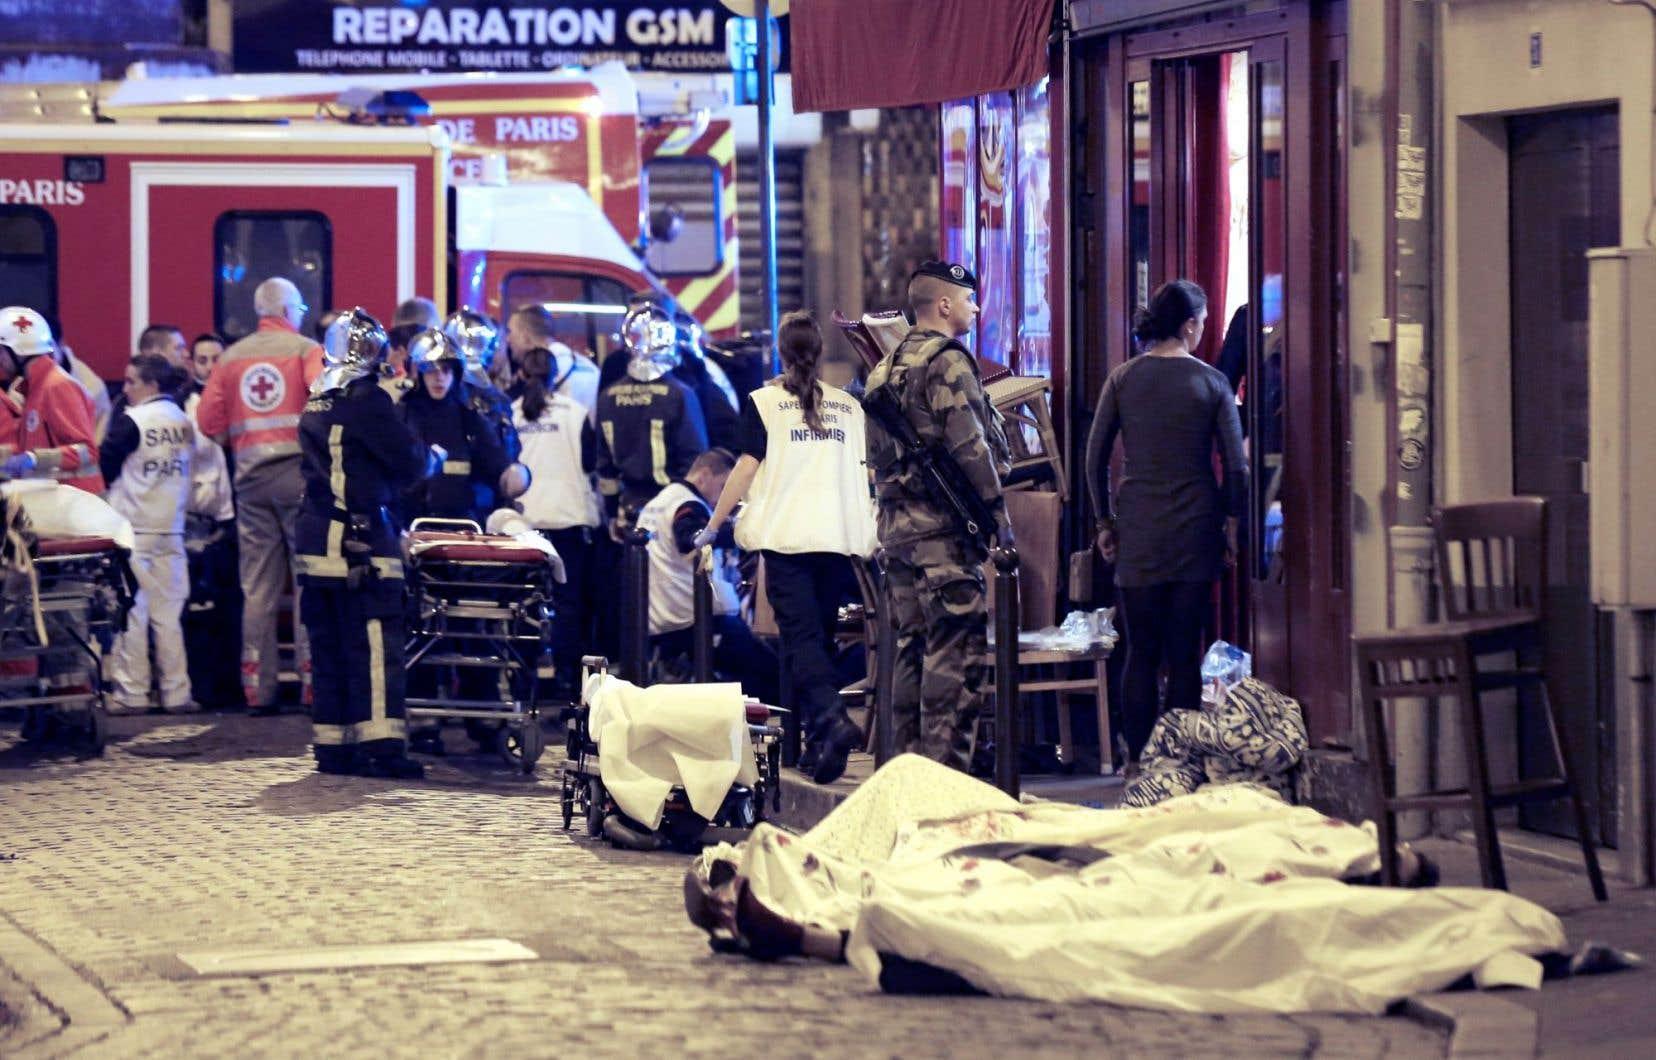 Les terroristes ont frappé dans sept lieux des quartiers branchés de Paris. Des scènes d'horreur comme celle-ci, près du café La Belle Équipe, se sont multipliées dans les 10eet 11earrondissements.